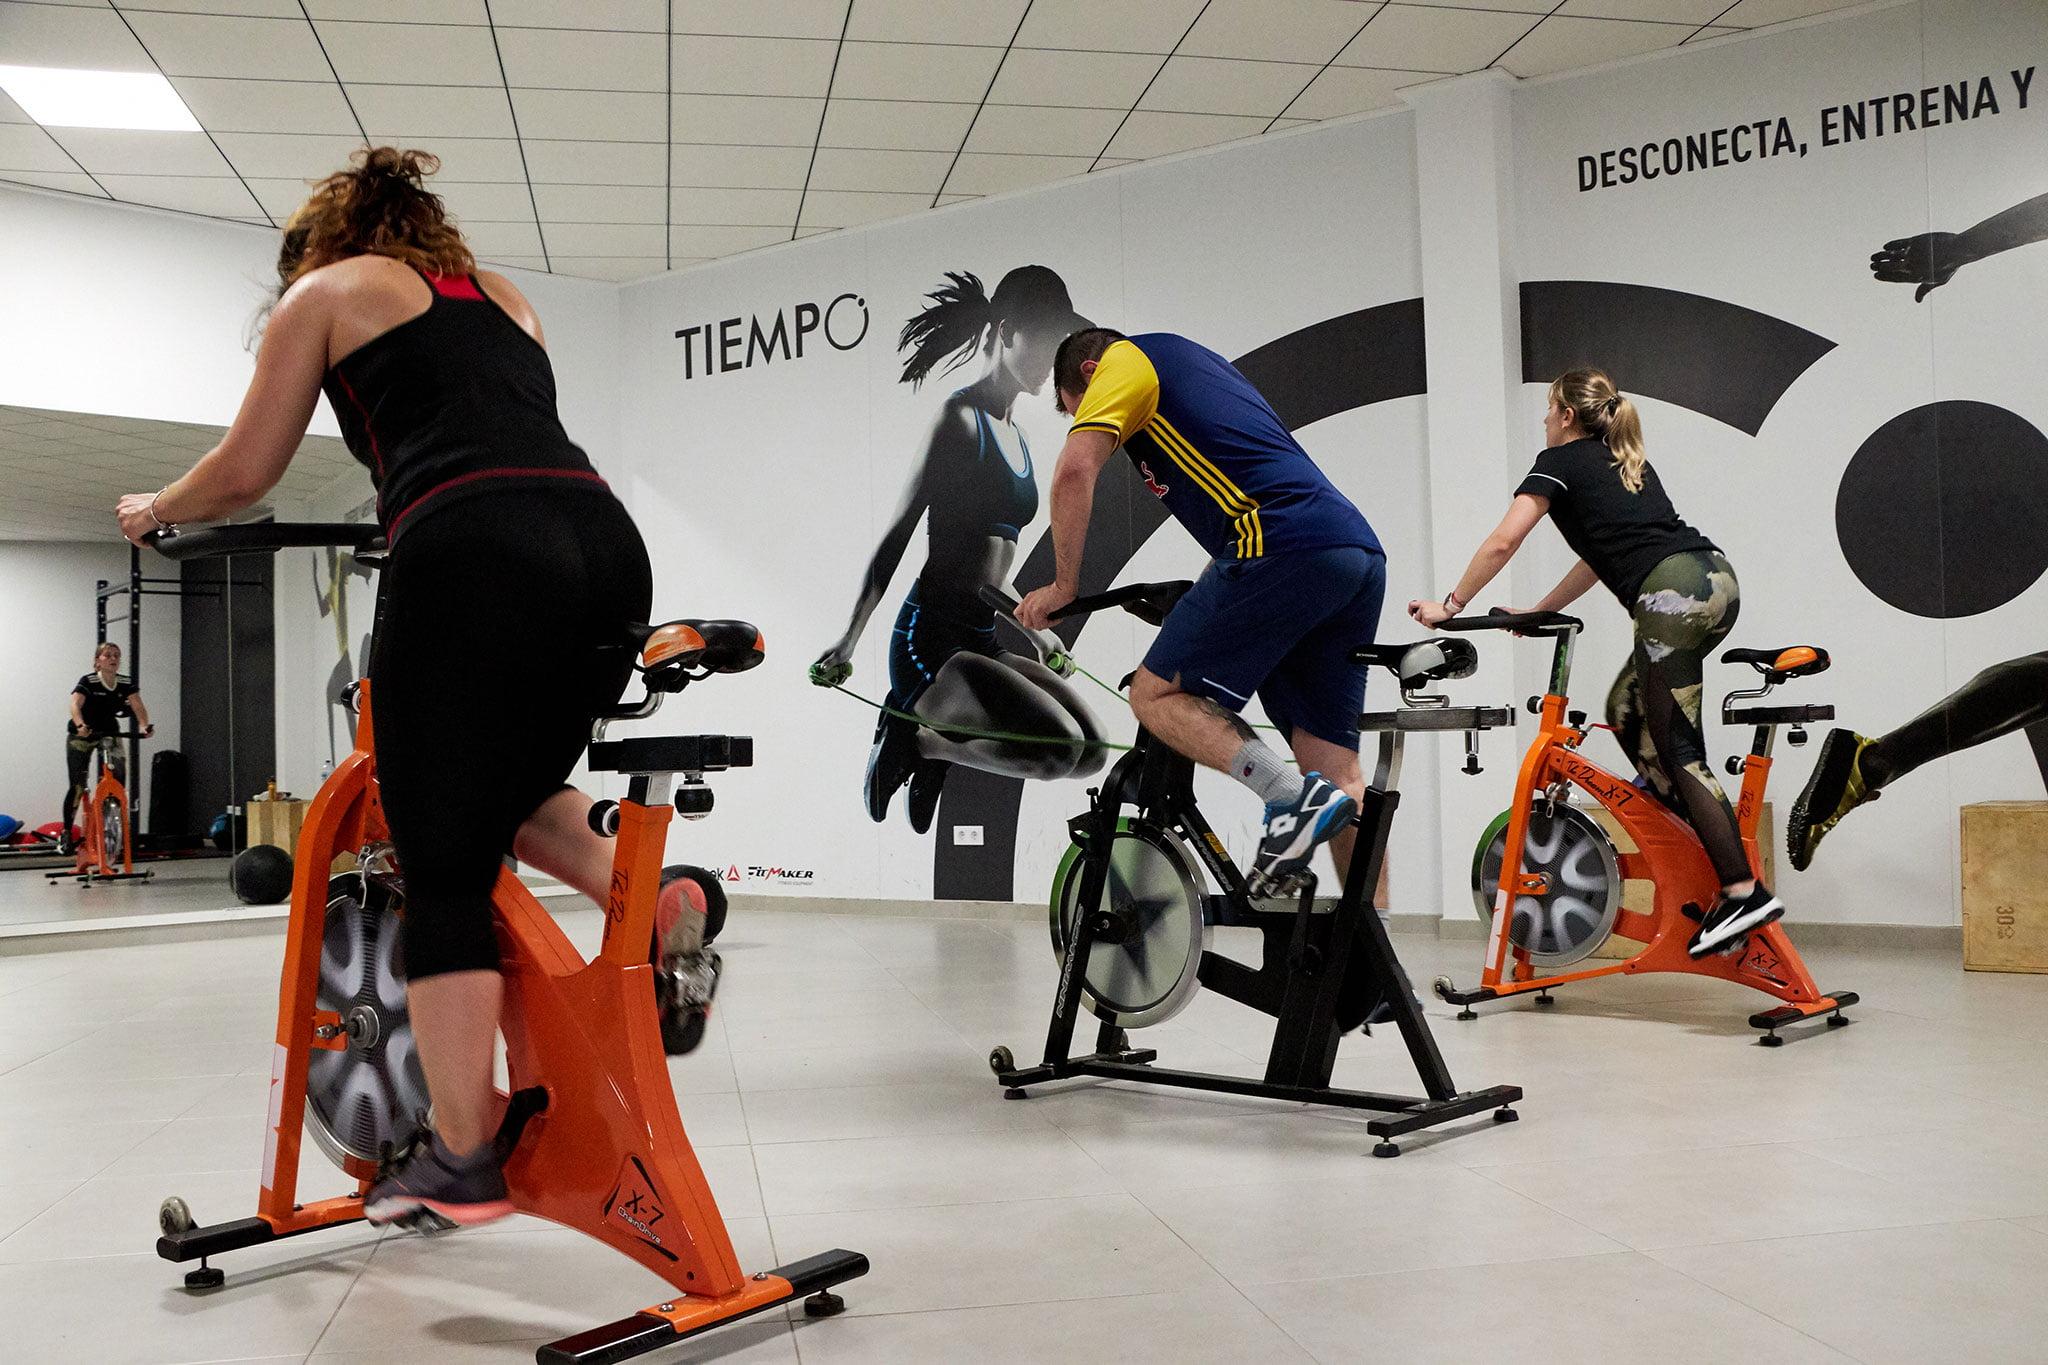 Entrenamiento con bicicleta estática en Jávea – Tiempo Personal Training Center